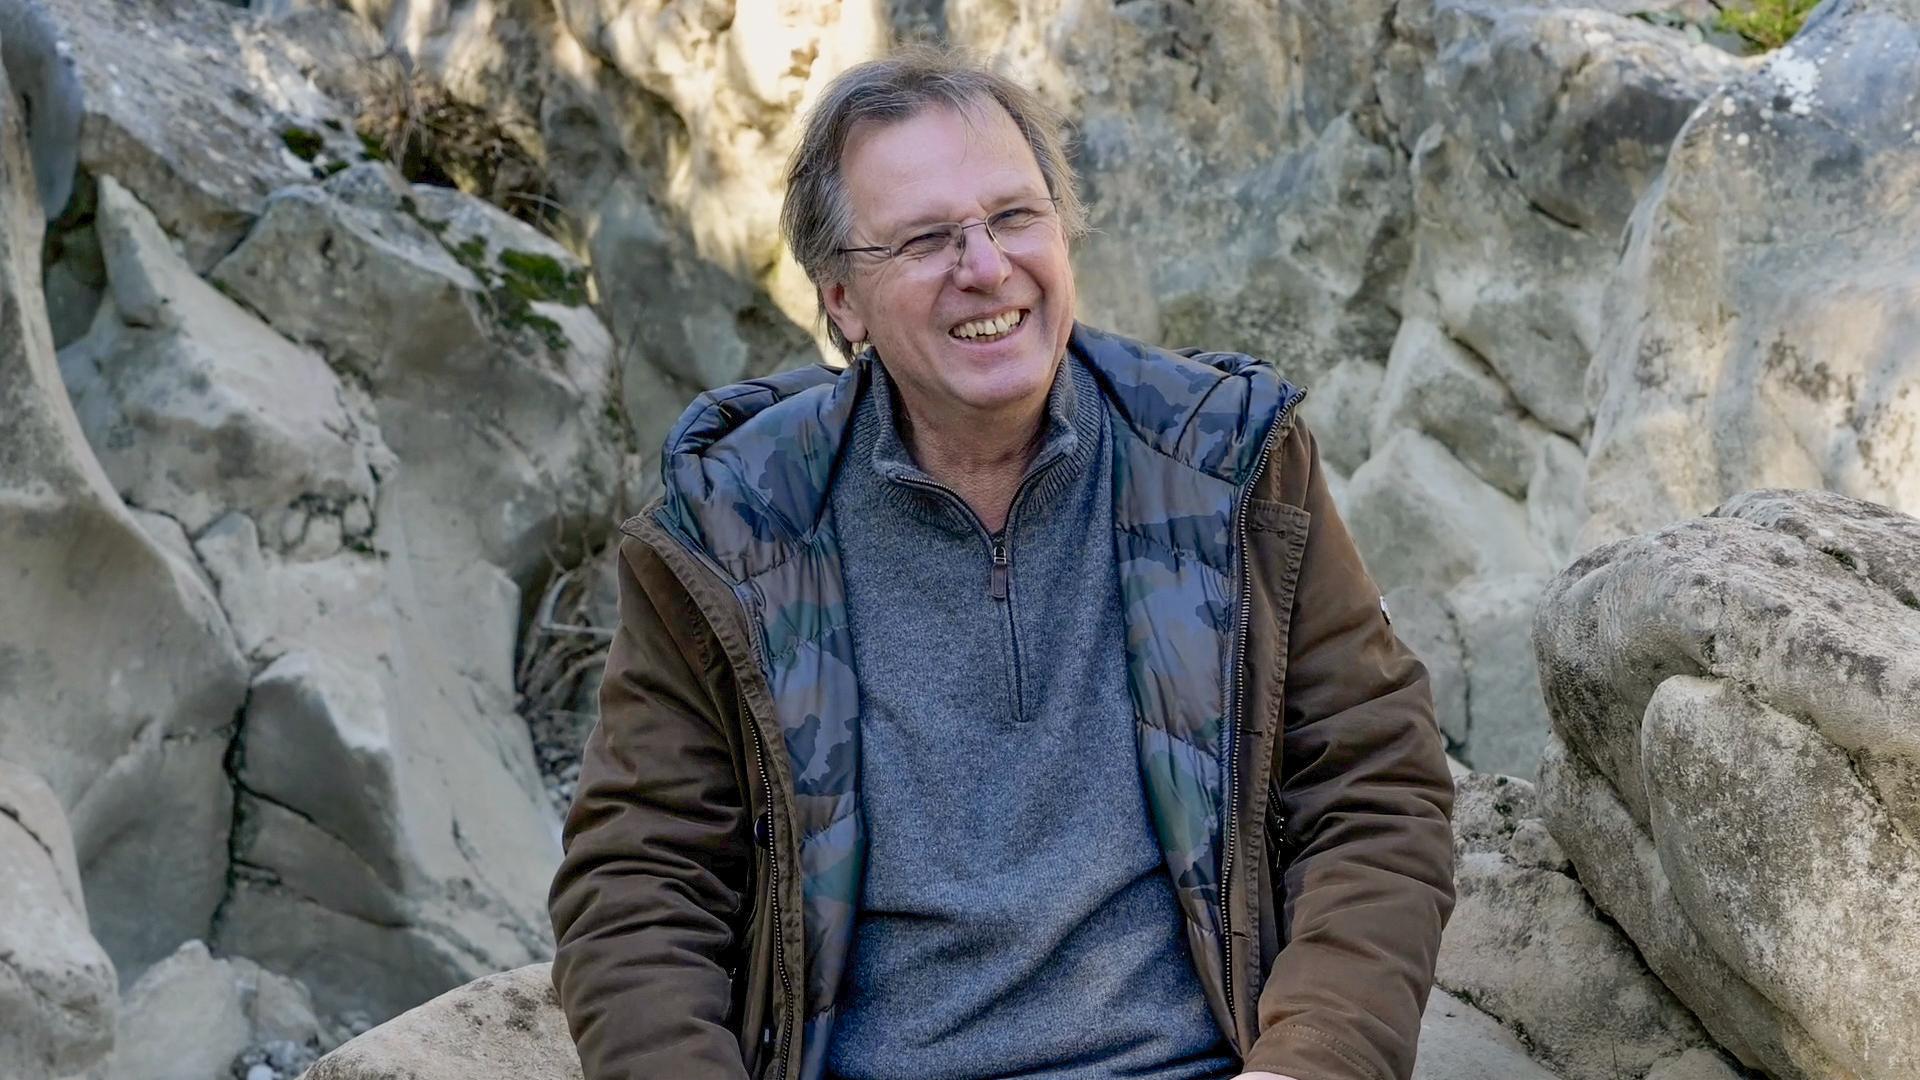 Jürgen Schilling sur les lieux de son inspiration artistique, janvier 2021. © Océanides.